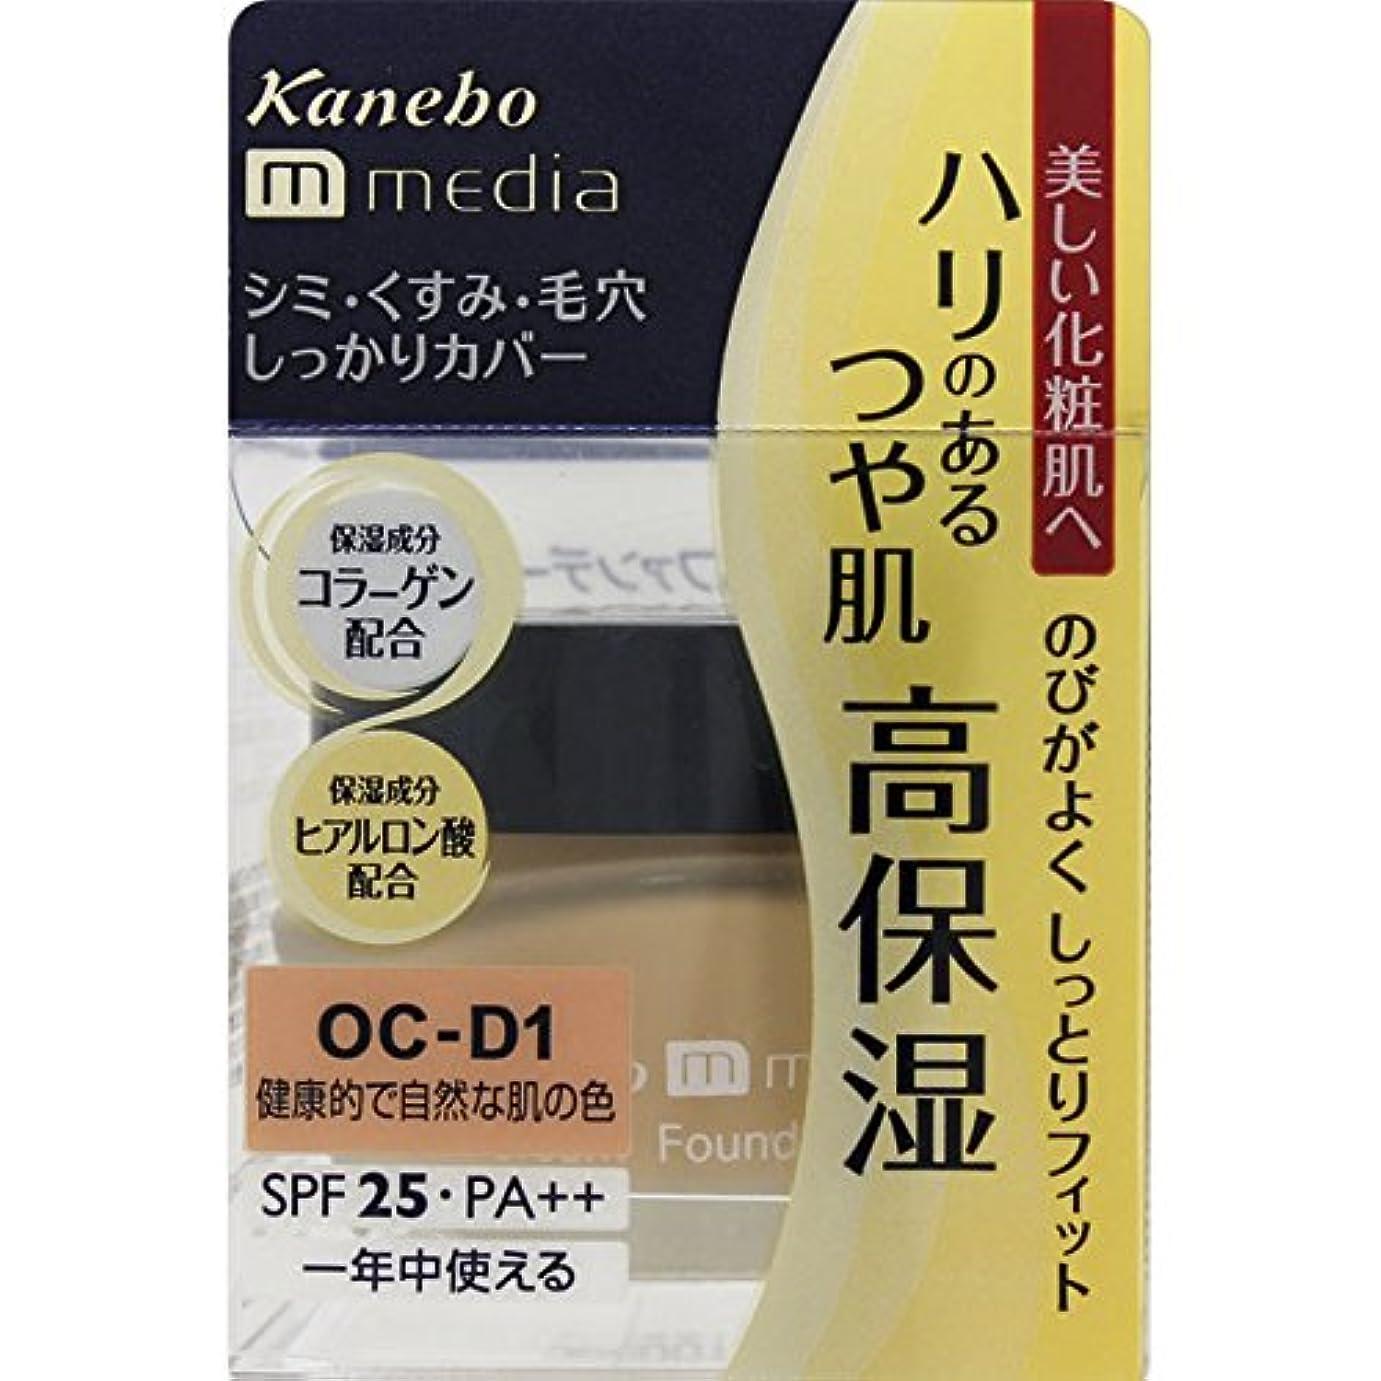 熟すフィヨルド独特のカネボウ化粧品 メディア クリームファンデーション 健康的で自然な肌の色 OC-D1